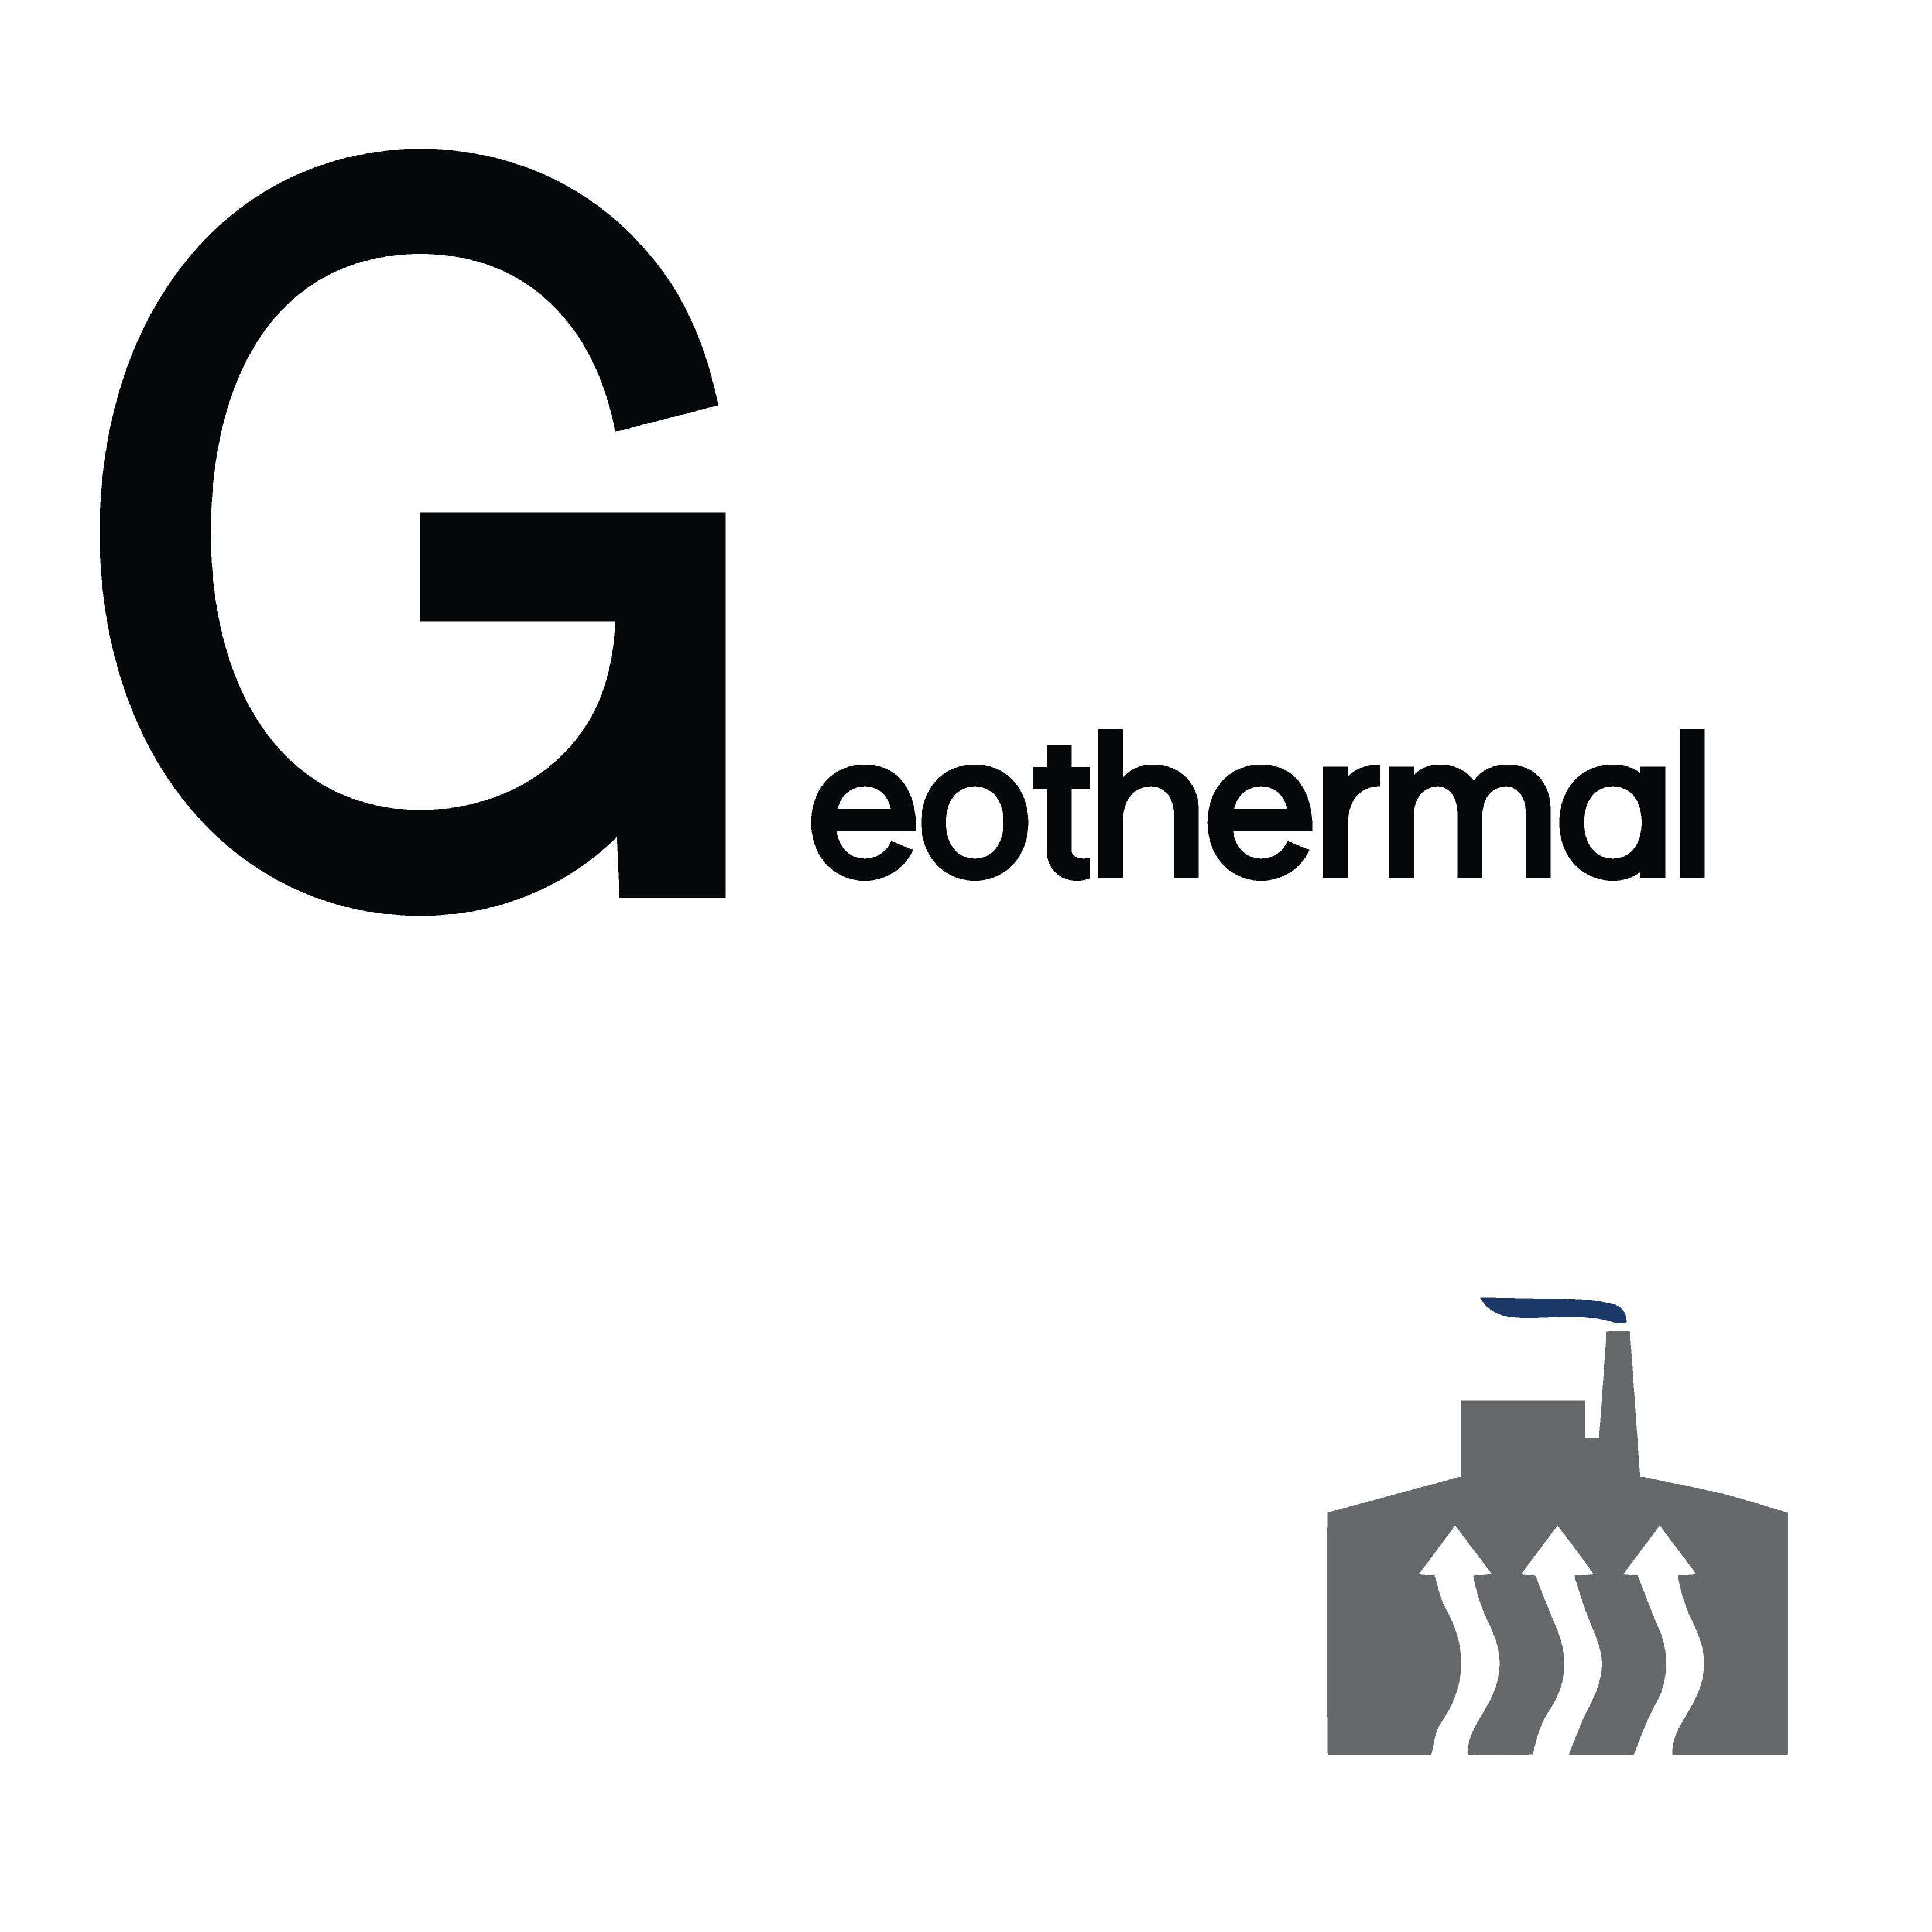 Geothermal-01-01